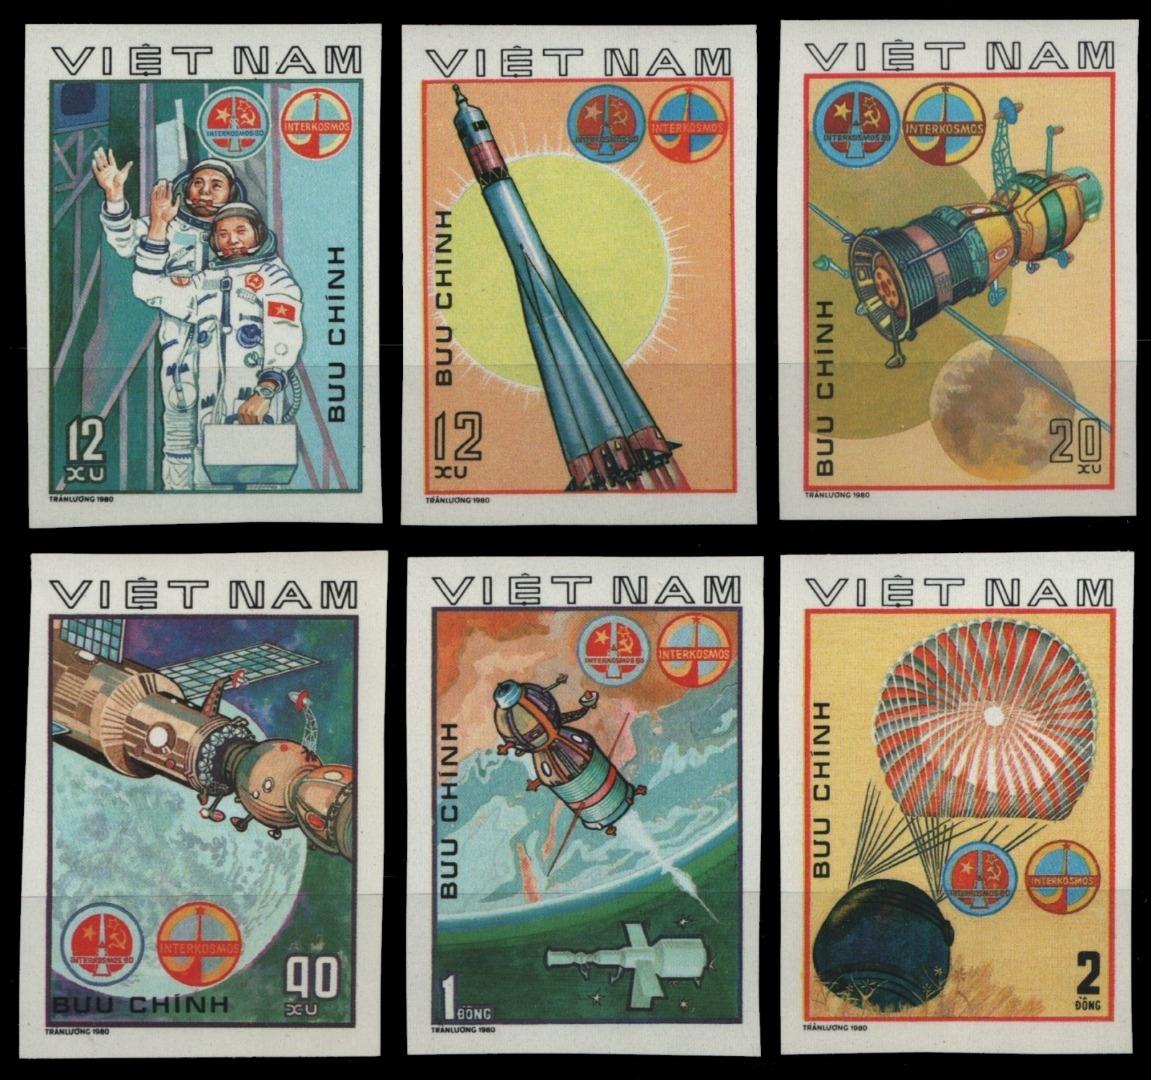 Vietnam 1980-mi-nº 1104-1109 U (*) - Sans élastique Occasionnée-spatiale-afficher Le Titre D'origine Toujours Acheter Bien